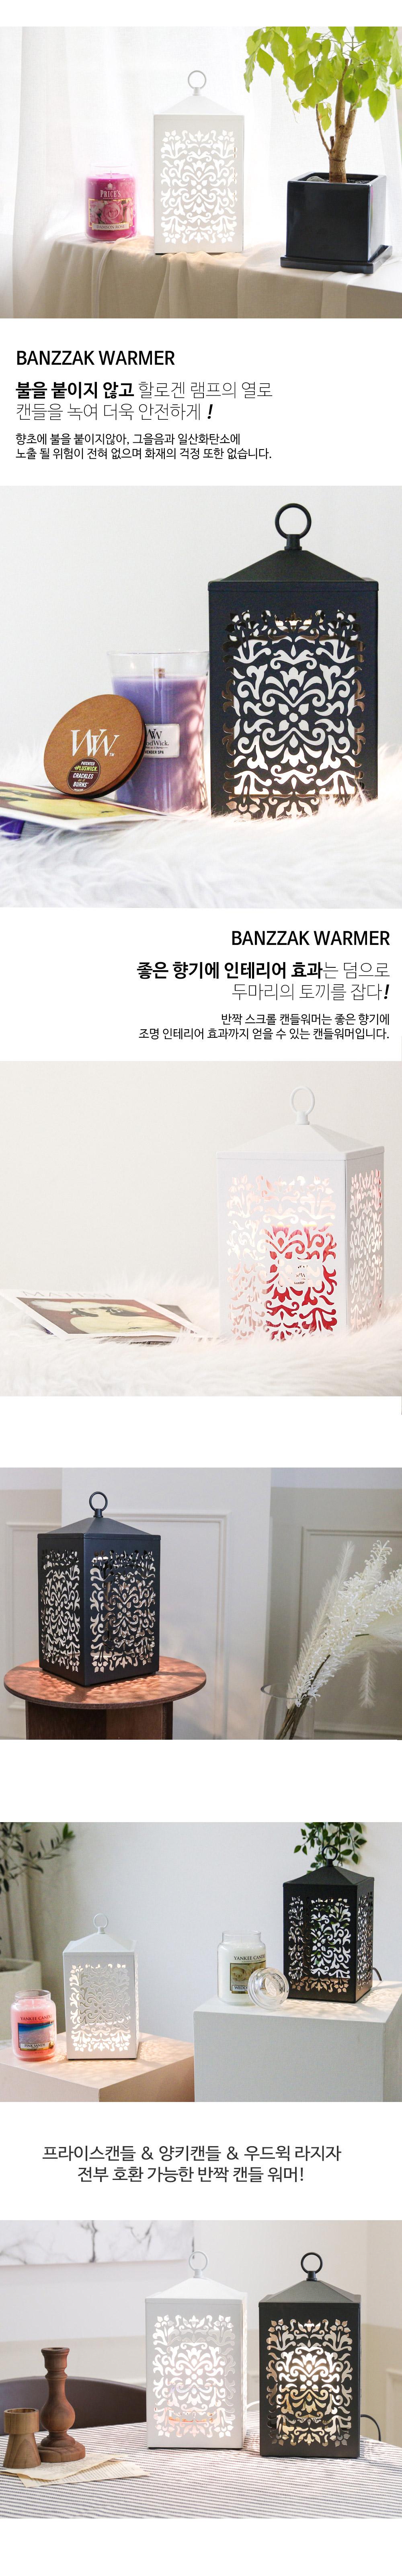 반짝 스크롤 캔들워머 + 양키 캔들 세트 - 미트라샵, 55,270원, 캔들, 캔들워머/용품